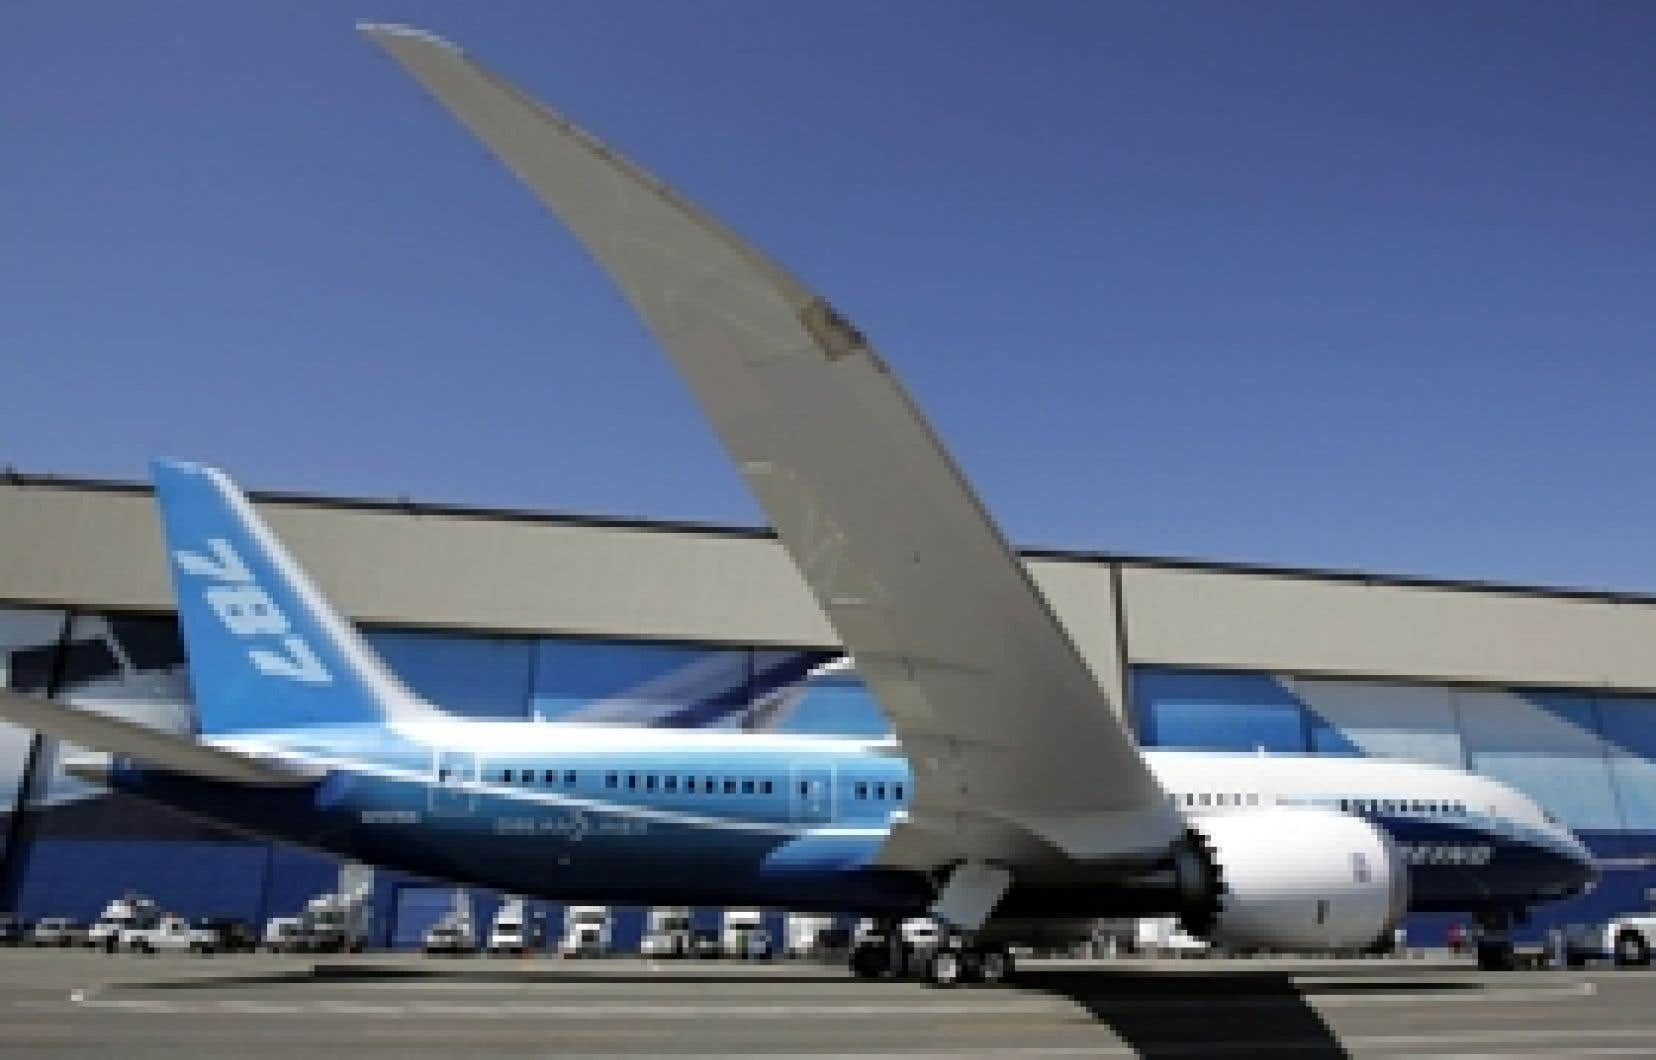 Le constructeur Boeing se dit particulièrement satisfait du décollage commercial de son dernier-né, le 787 Dreamliner. Depuis son lancement commercial, en 2004, cet appareil s'est vendu à 817 exemplaires.